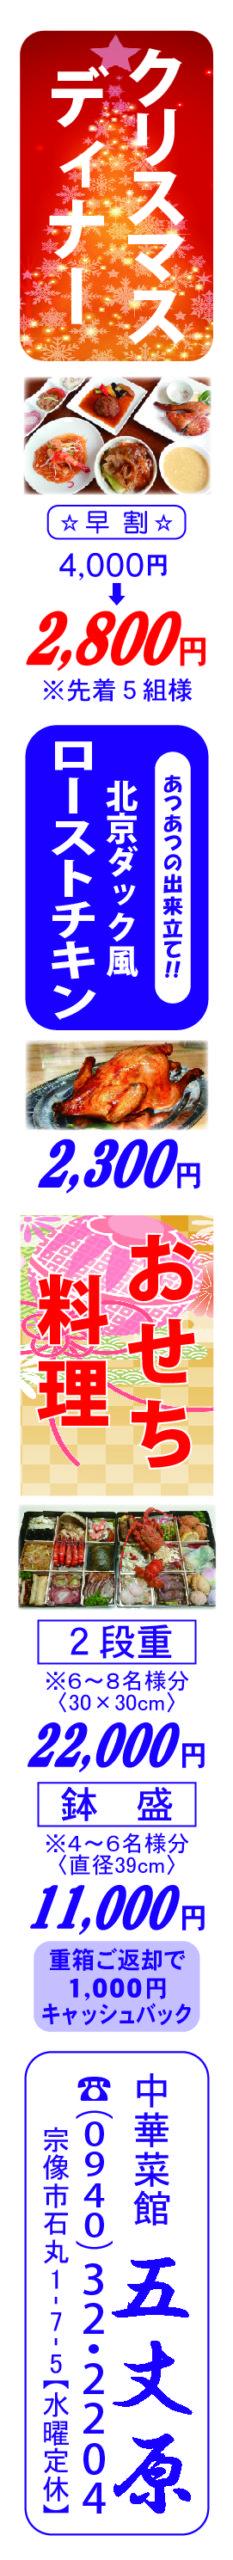 オビ_五丈原11-22